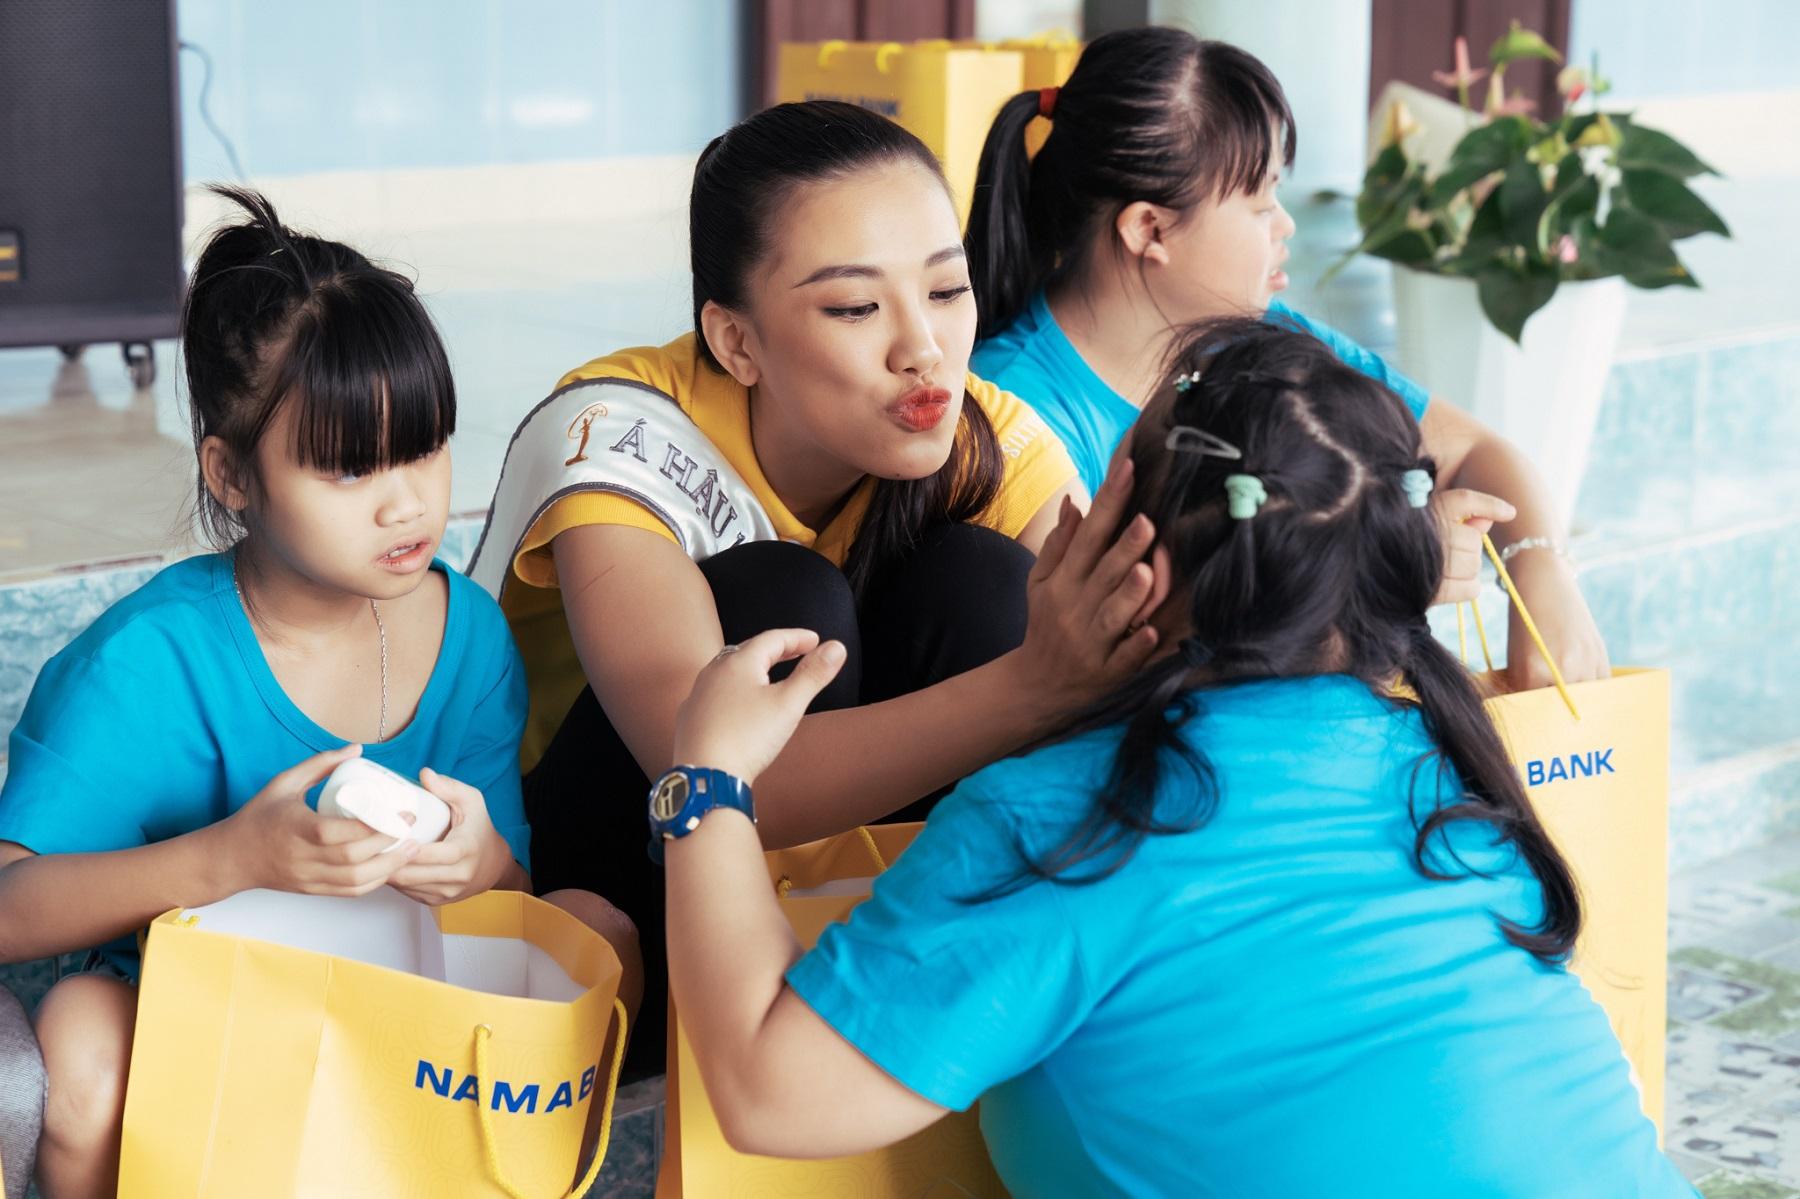 Nam A Bank đồng hành cùng Tân Hoa hậu Hoàn vũ Việt Nam 2019 trao quà cho trẻ em tại mái ấm hy vọng  - Ảnh 4